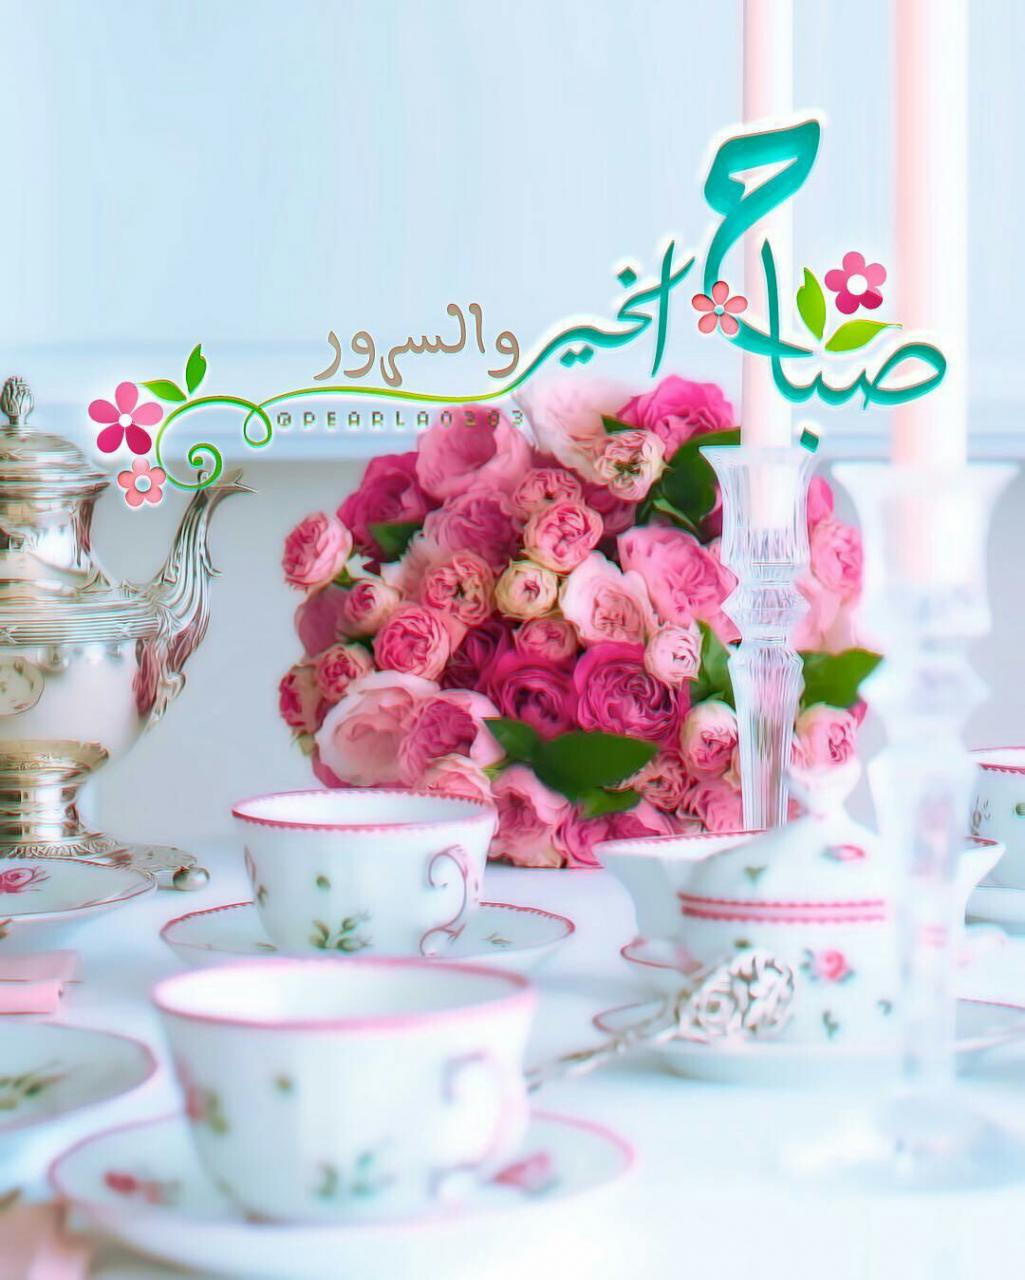 صورة صباح الخير ياحبي , اجمل عبارات صباح الخير يا حب 2758 5